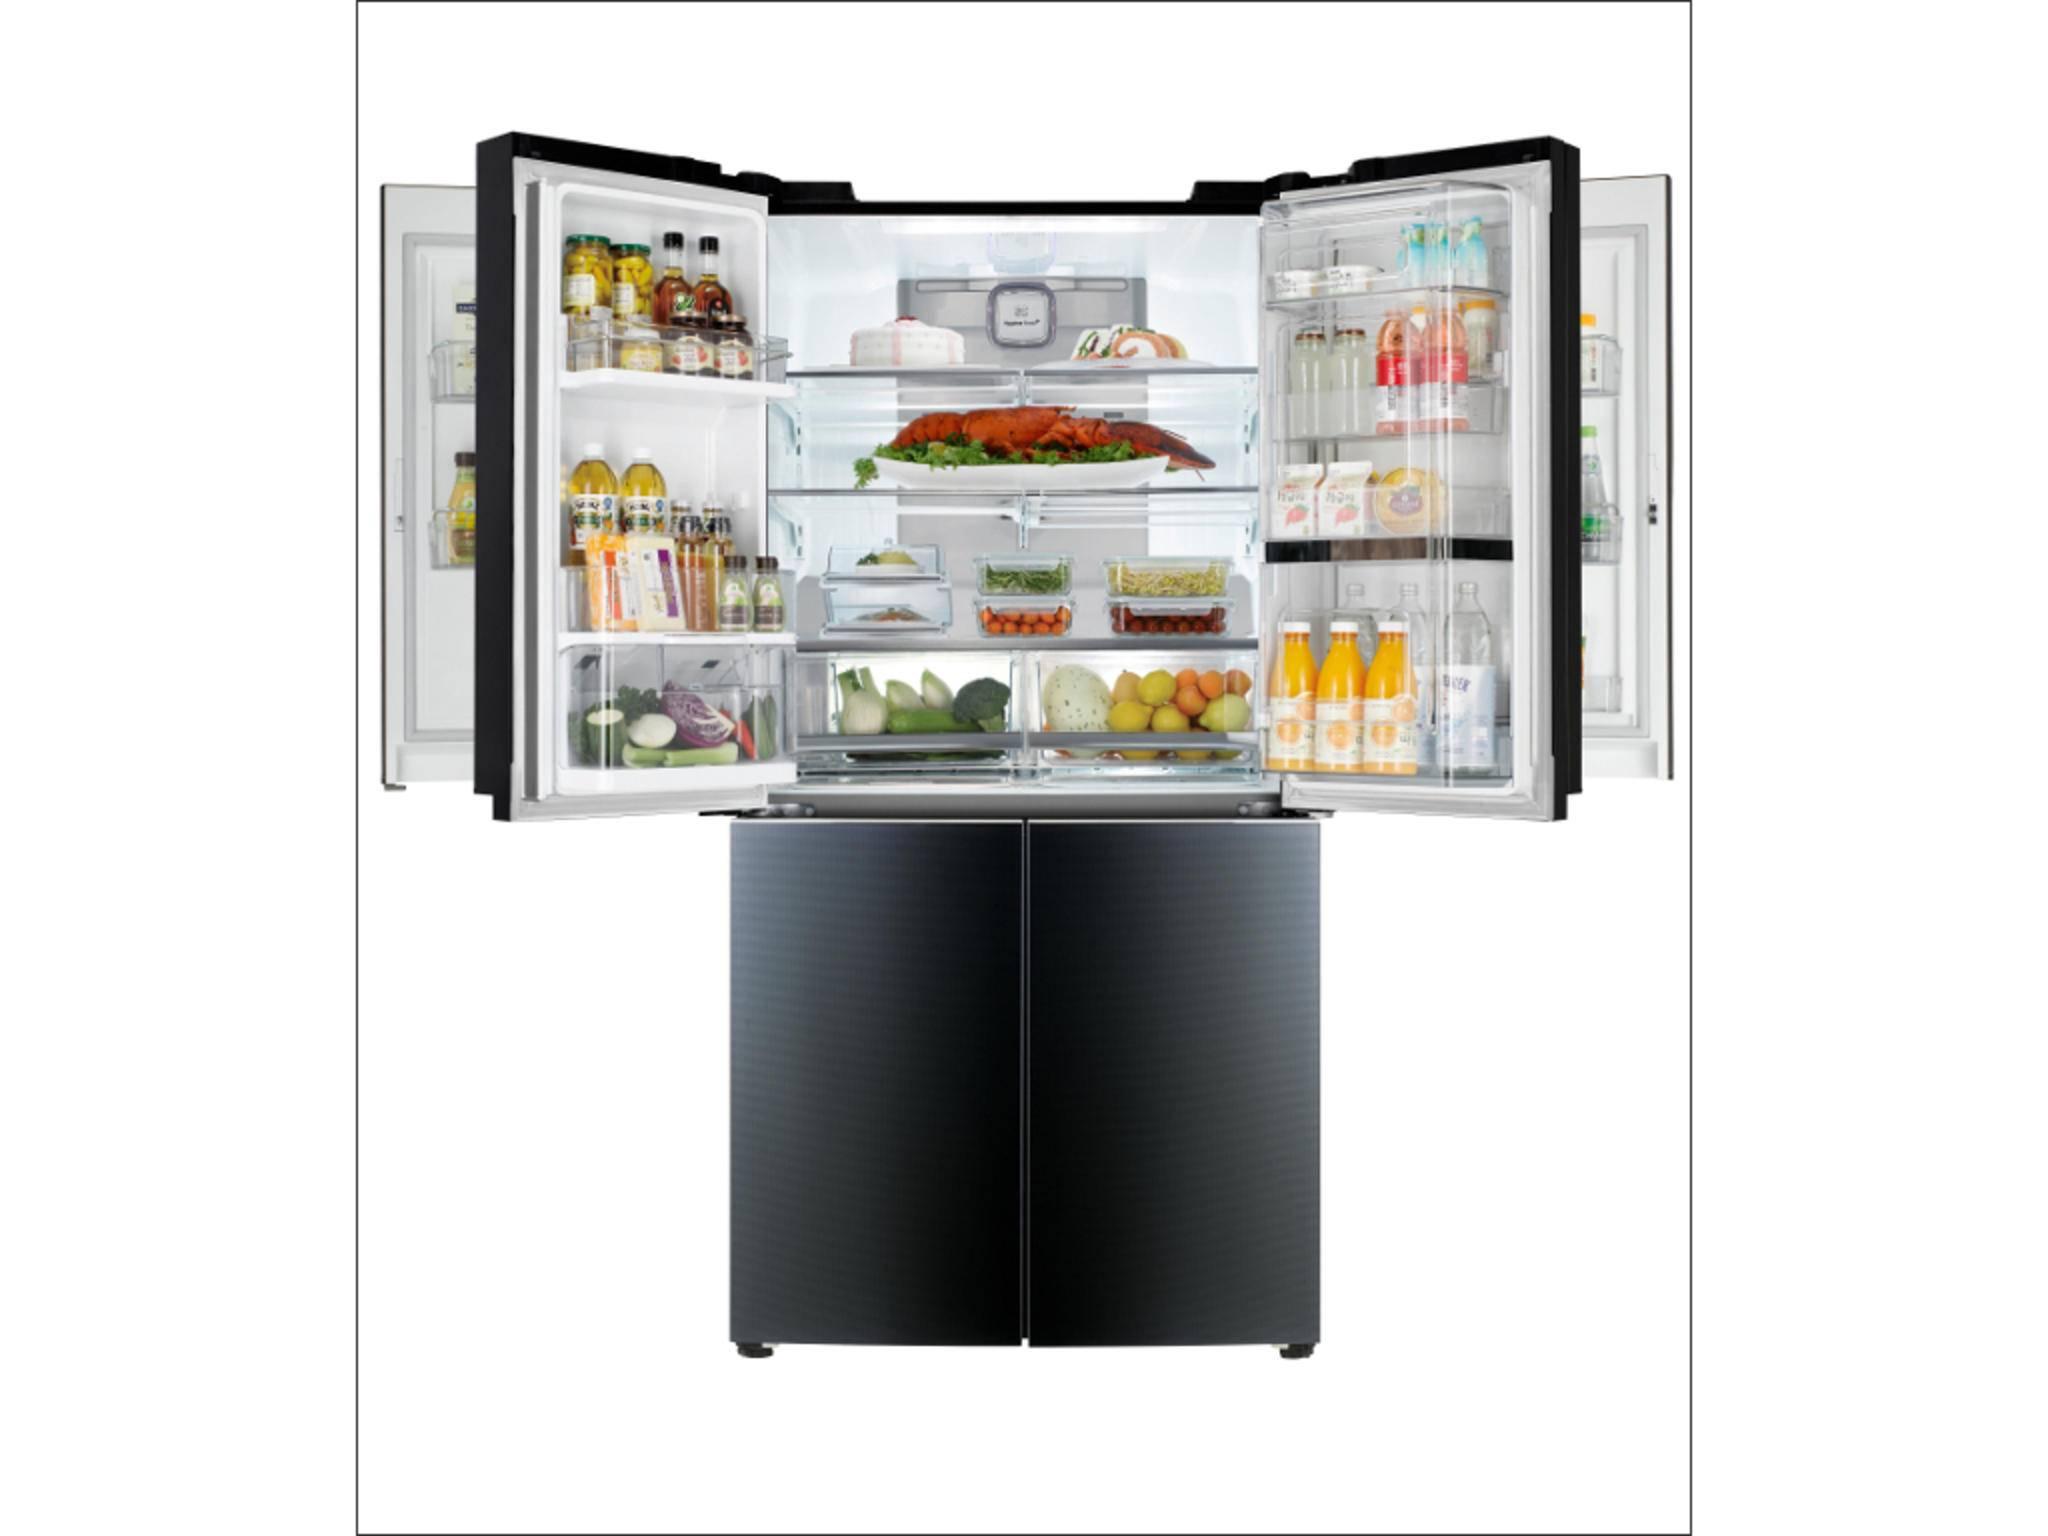 Dieser neue Kühlschrank von LG hat ein Tür-In-Tür-System.